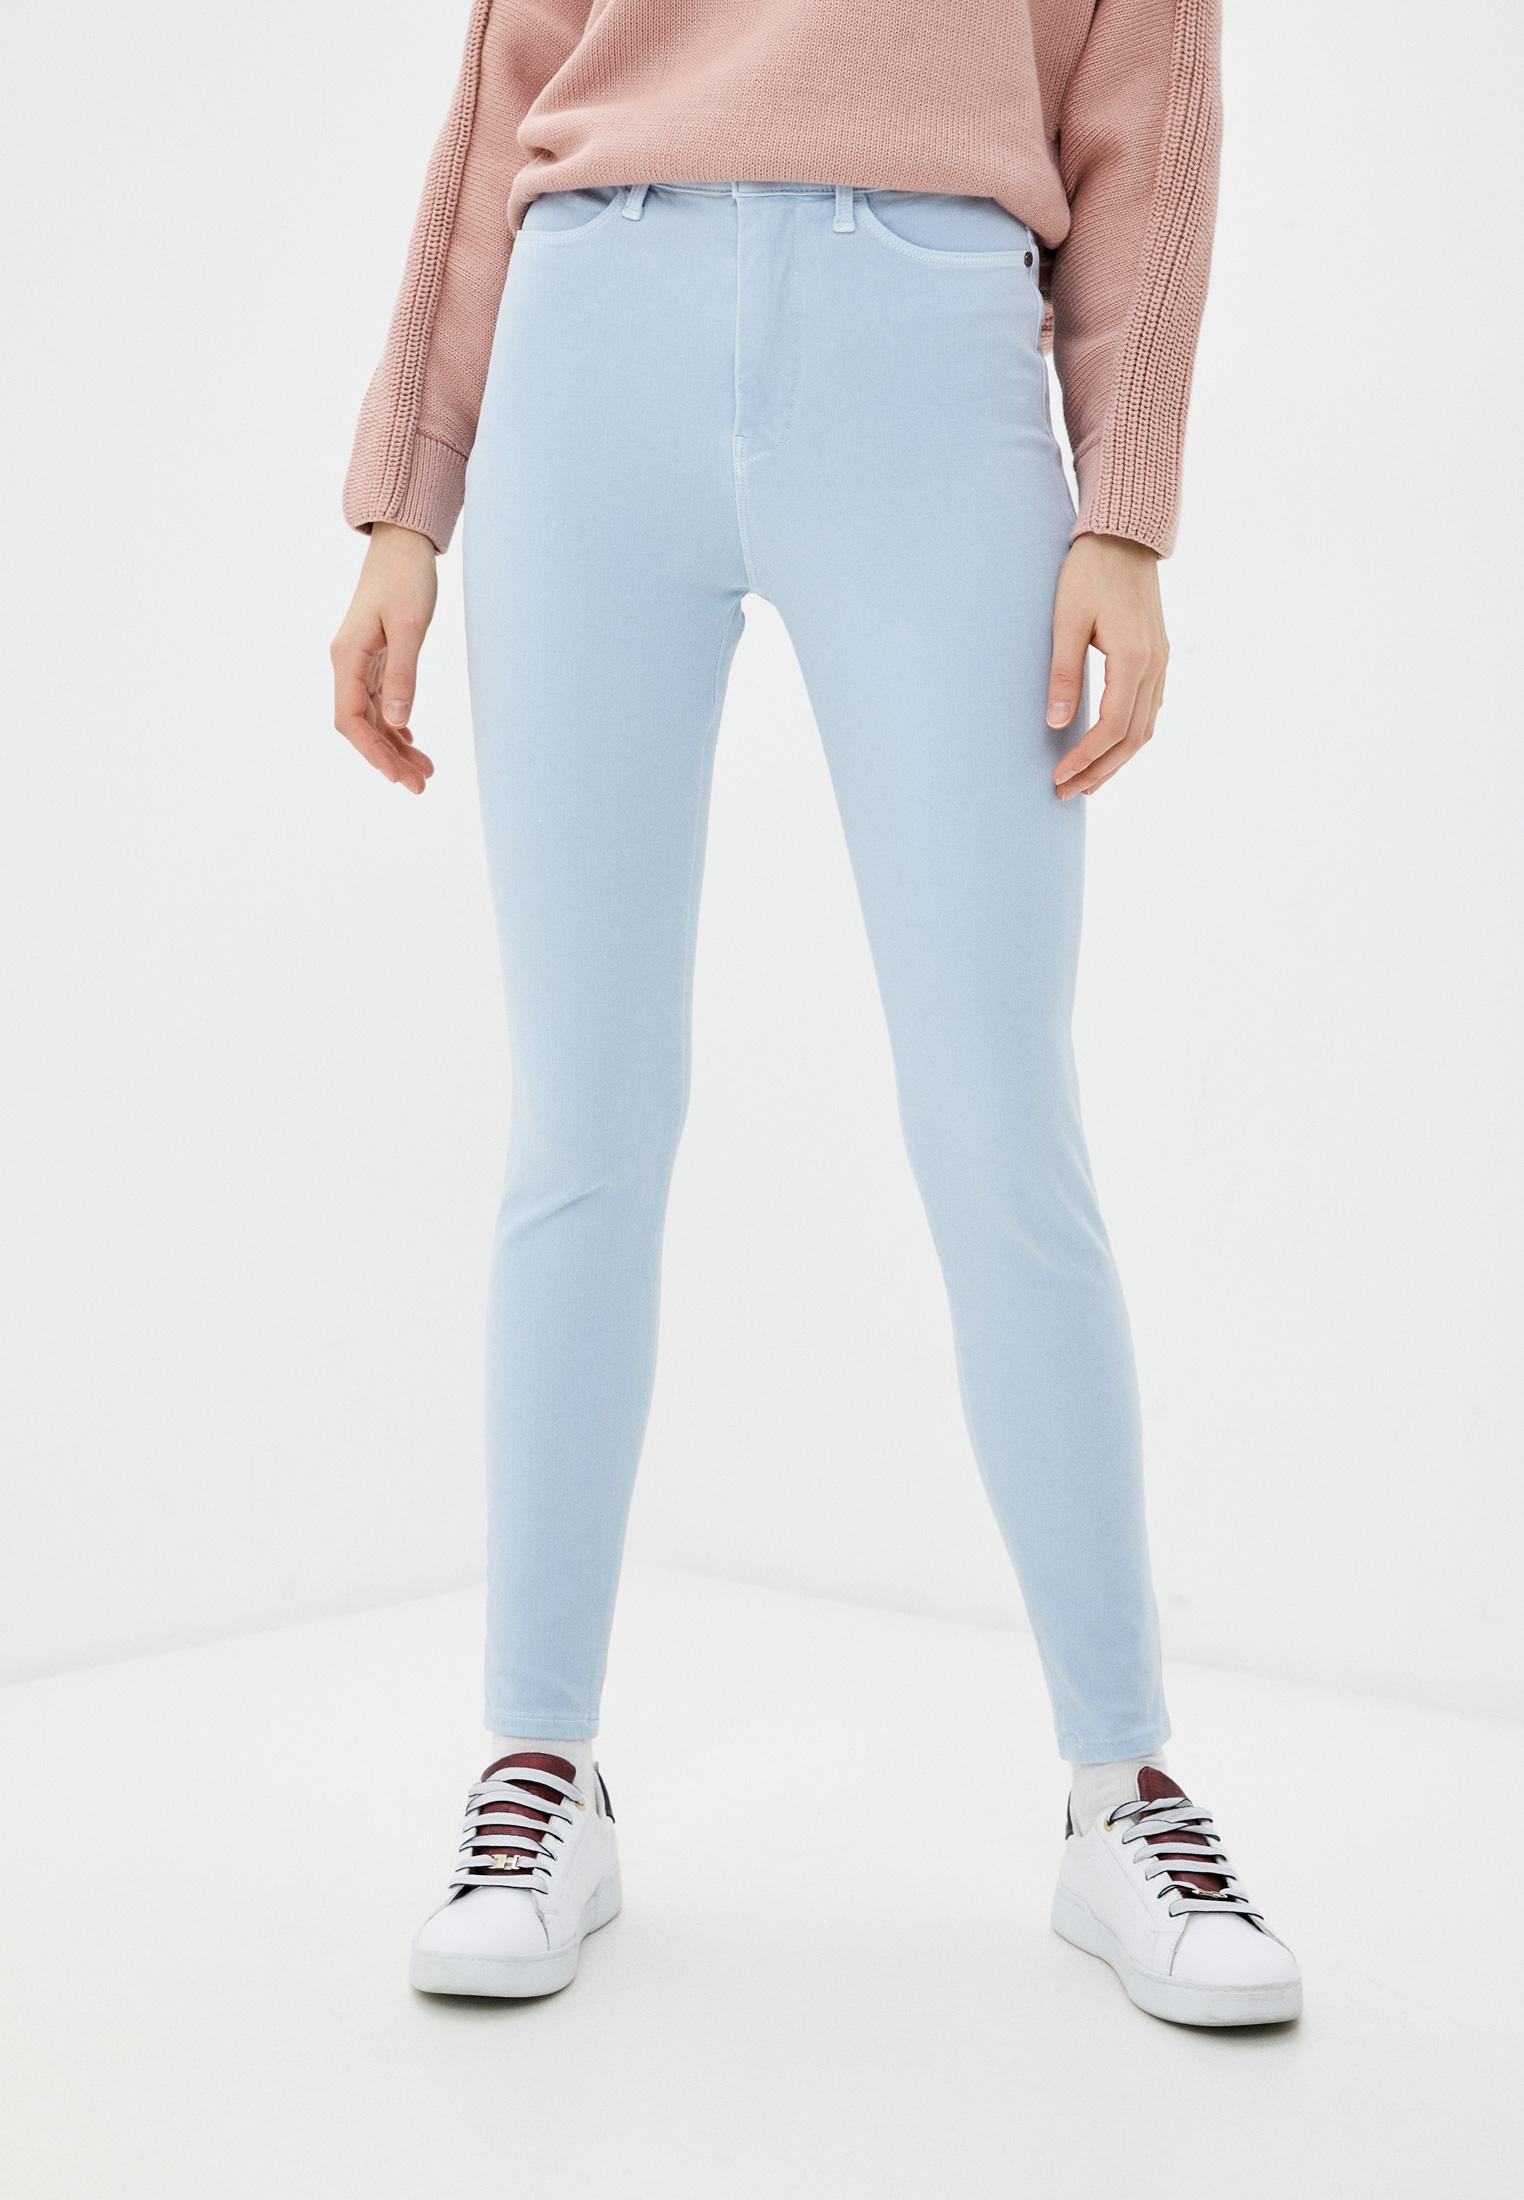 Зауженные джинсы Tommy Hilfiger (Томми Хилфигер) WW0WW31267: изображение 1